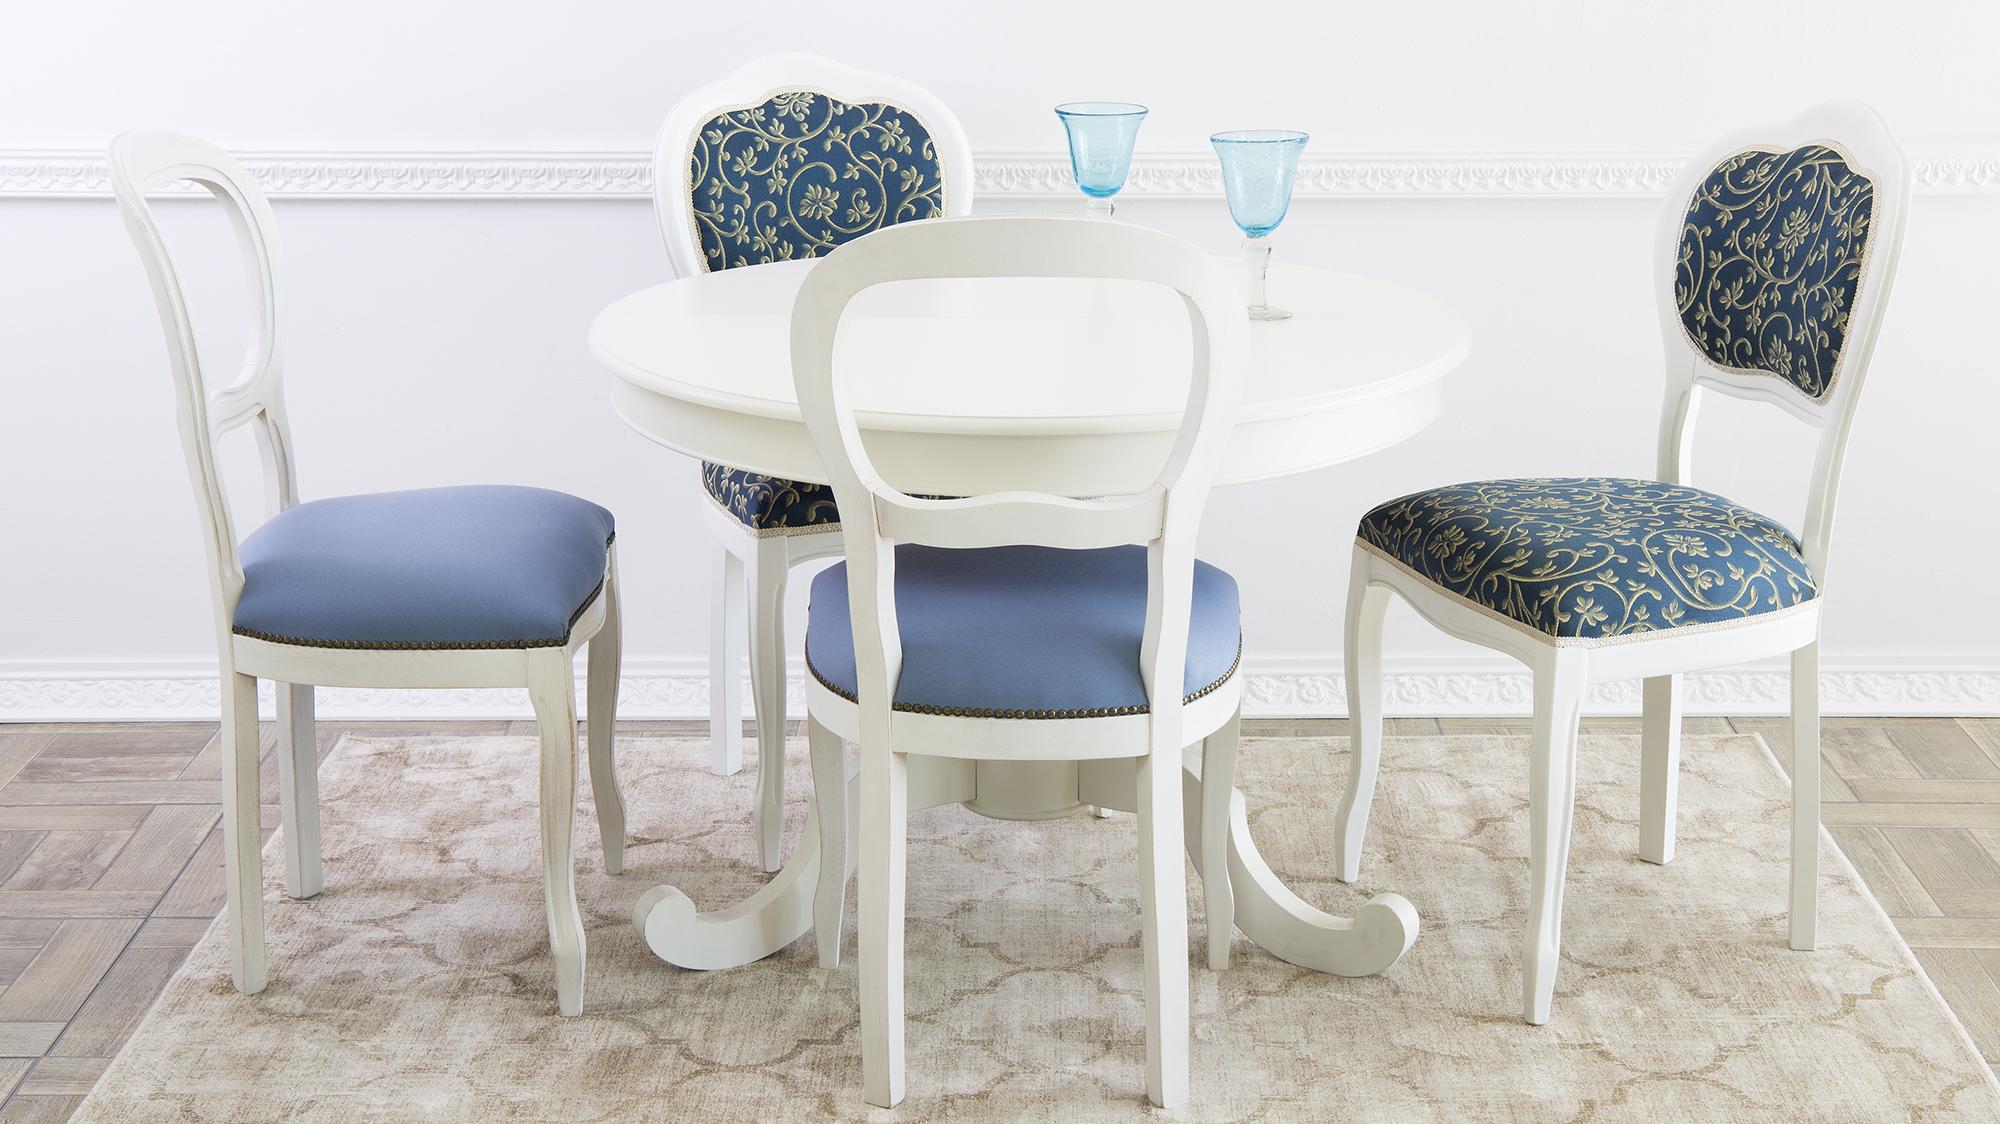 Обивка стульев цветочным текстилем